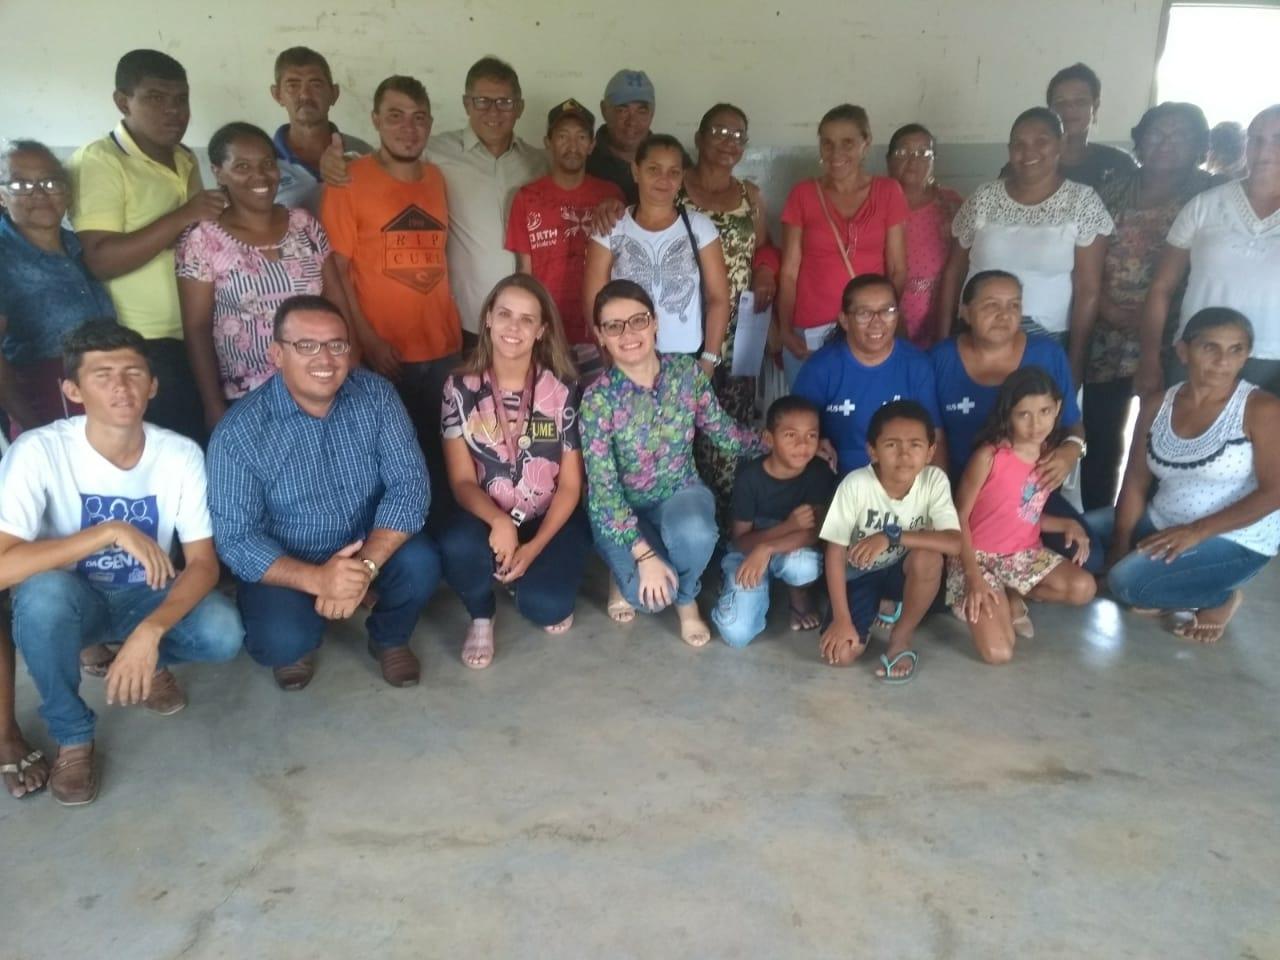 Prefeitura abre posto do Saúde da Gente na Malhada Vermelha